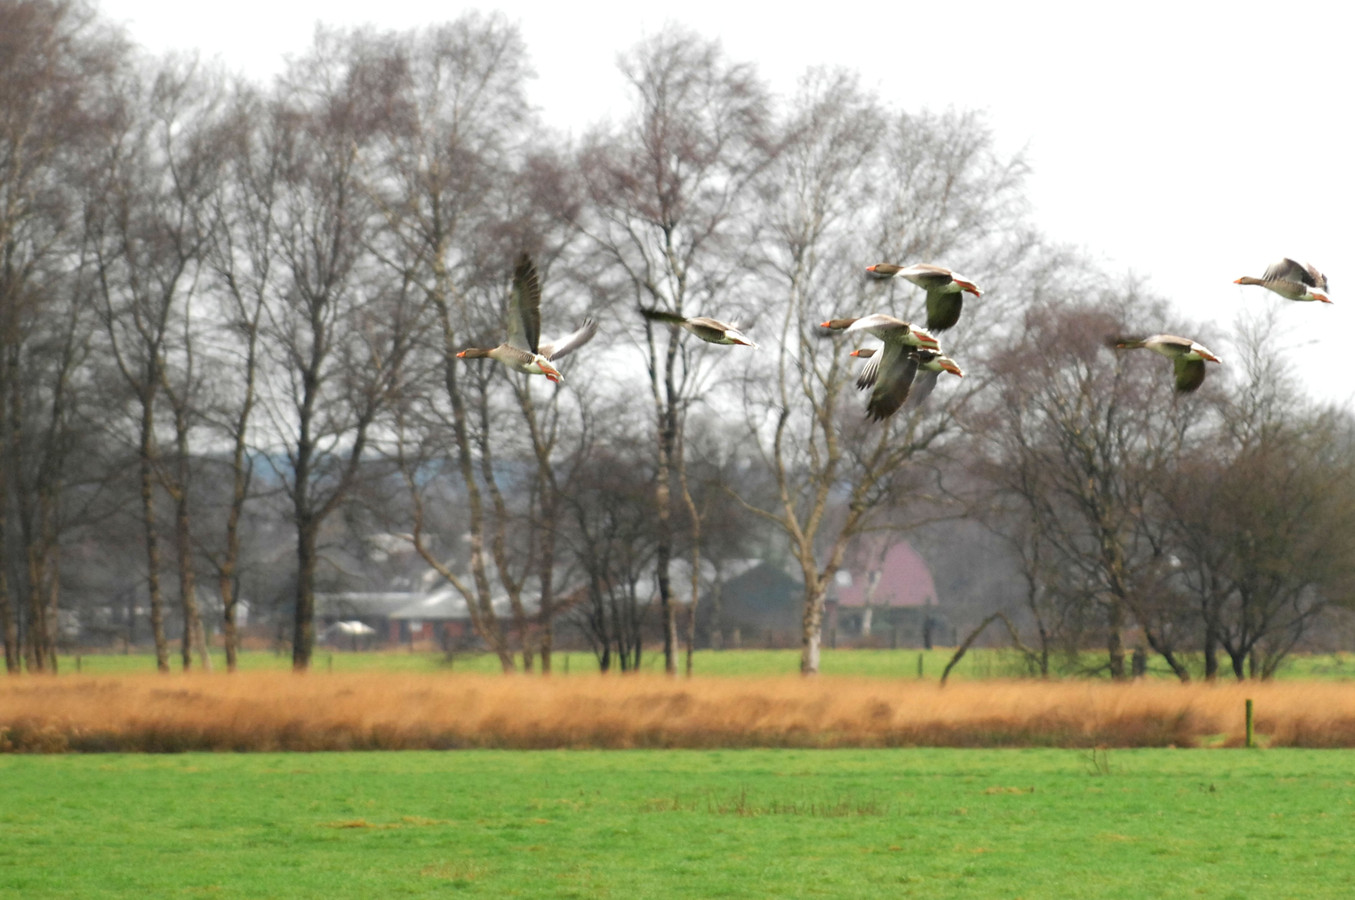 In het beschermde natuurgebied het Wierdense Veld tussen Wierden en Nijverdal broeden veel bijzondere vogelsoorten, waaronder kraanvogels.